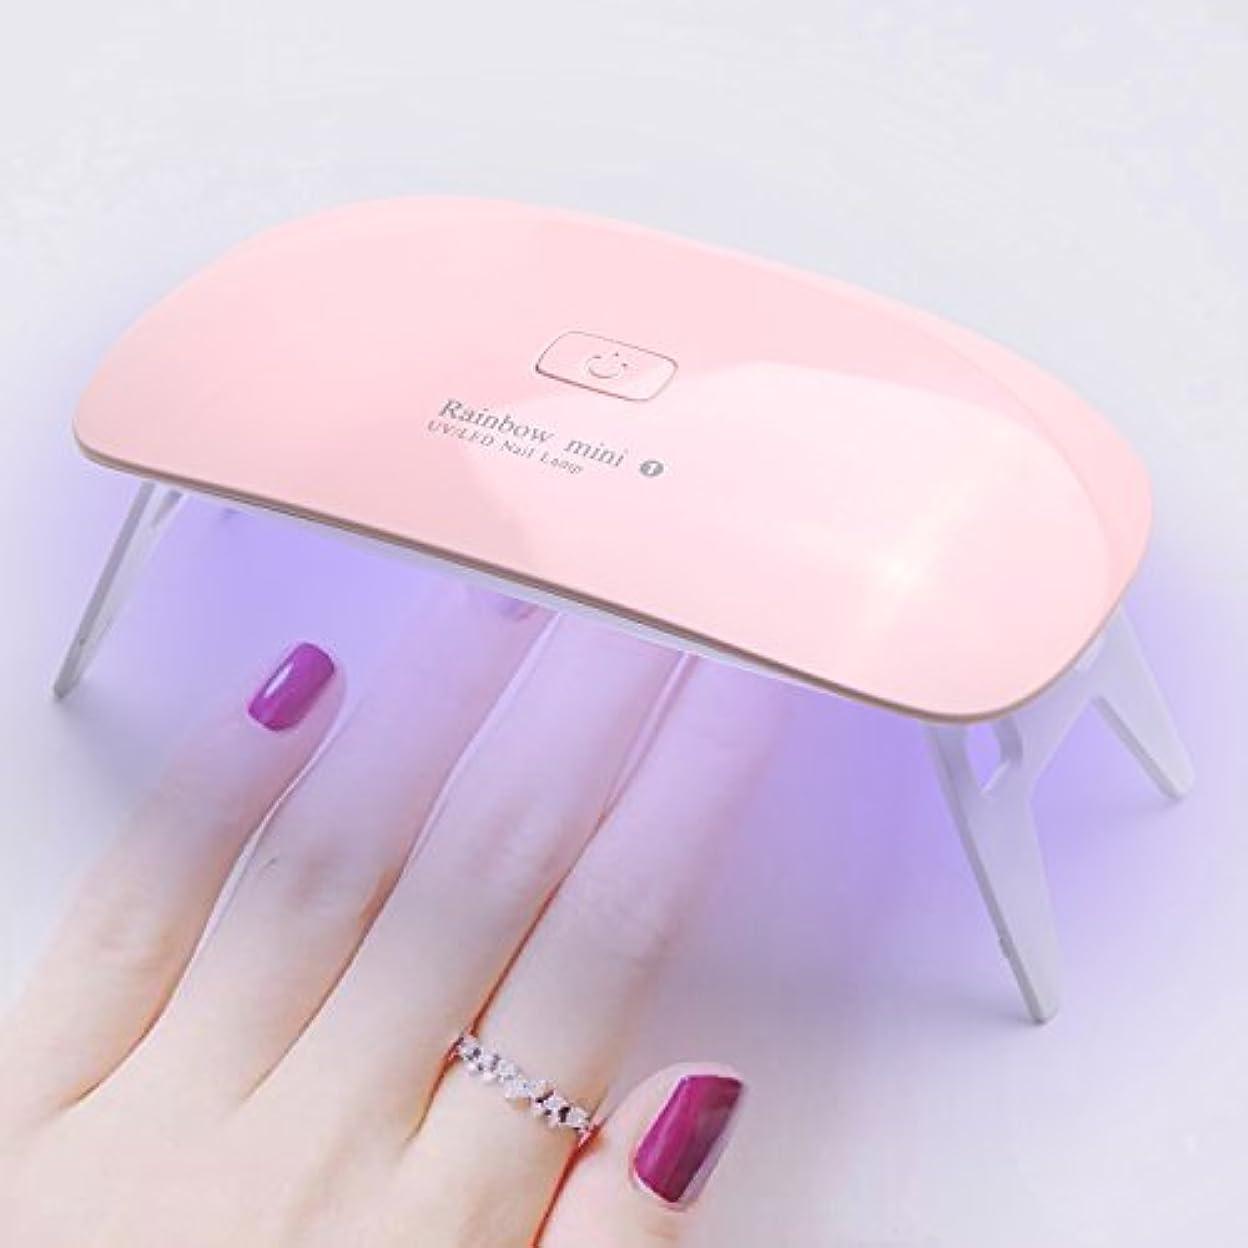 方言医療過誤アボートLEDネイルドライヤー AmoVee UVライト タイマー設定可能 折りたたみ式 ジェルネイル用 (pink)